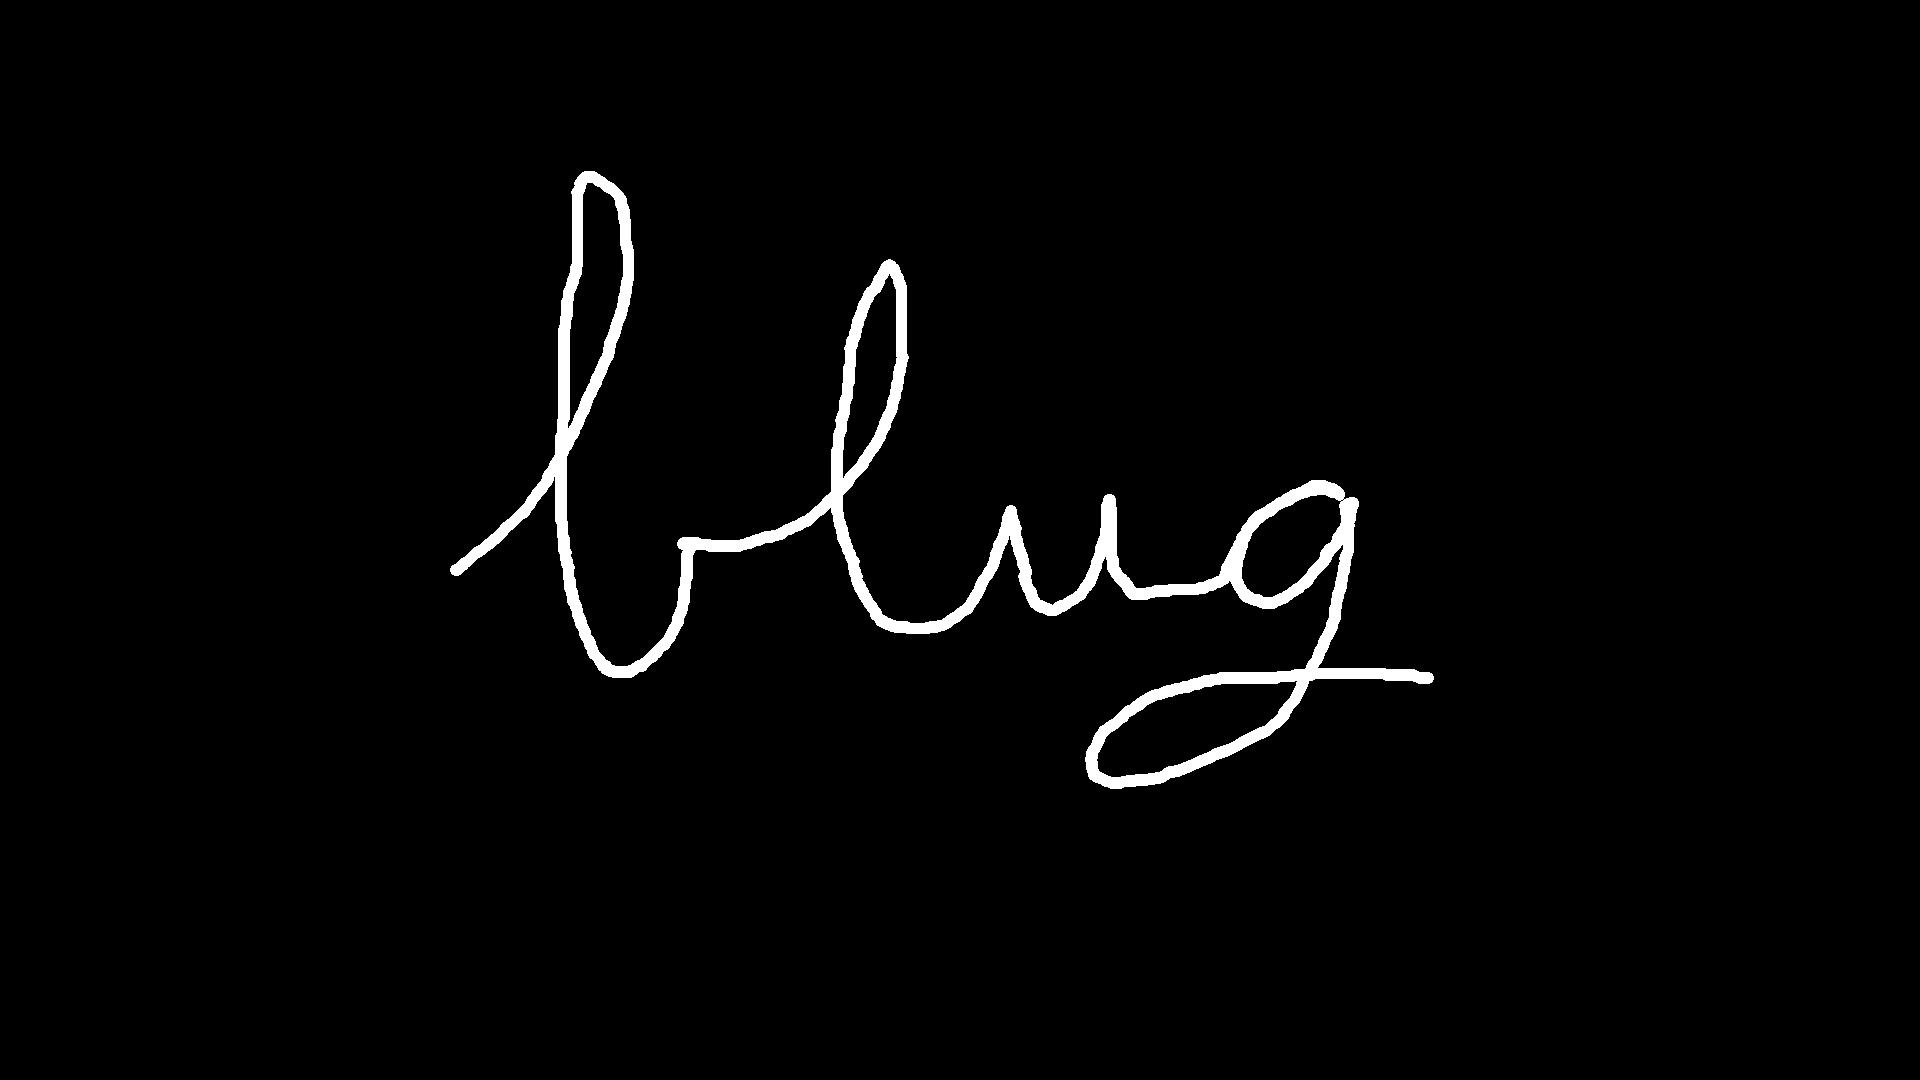 B_LUG.png